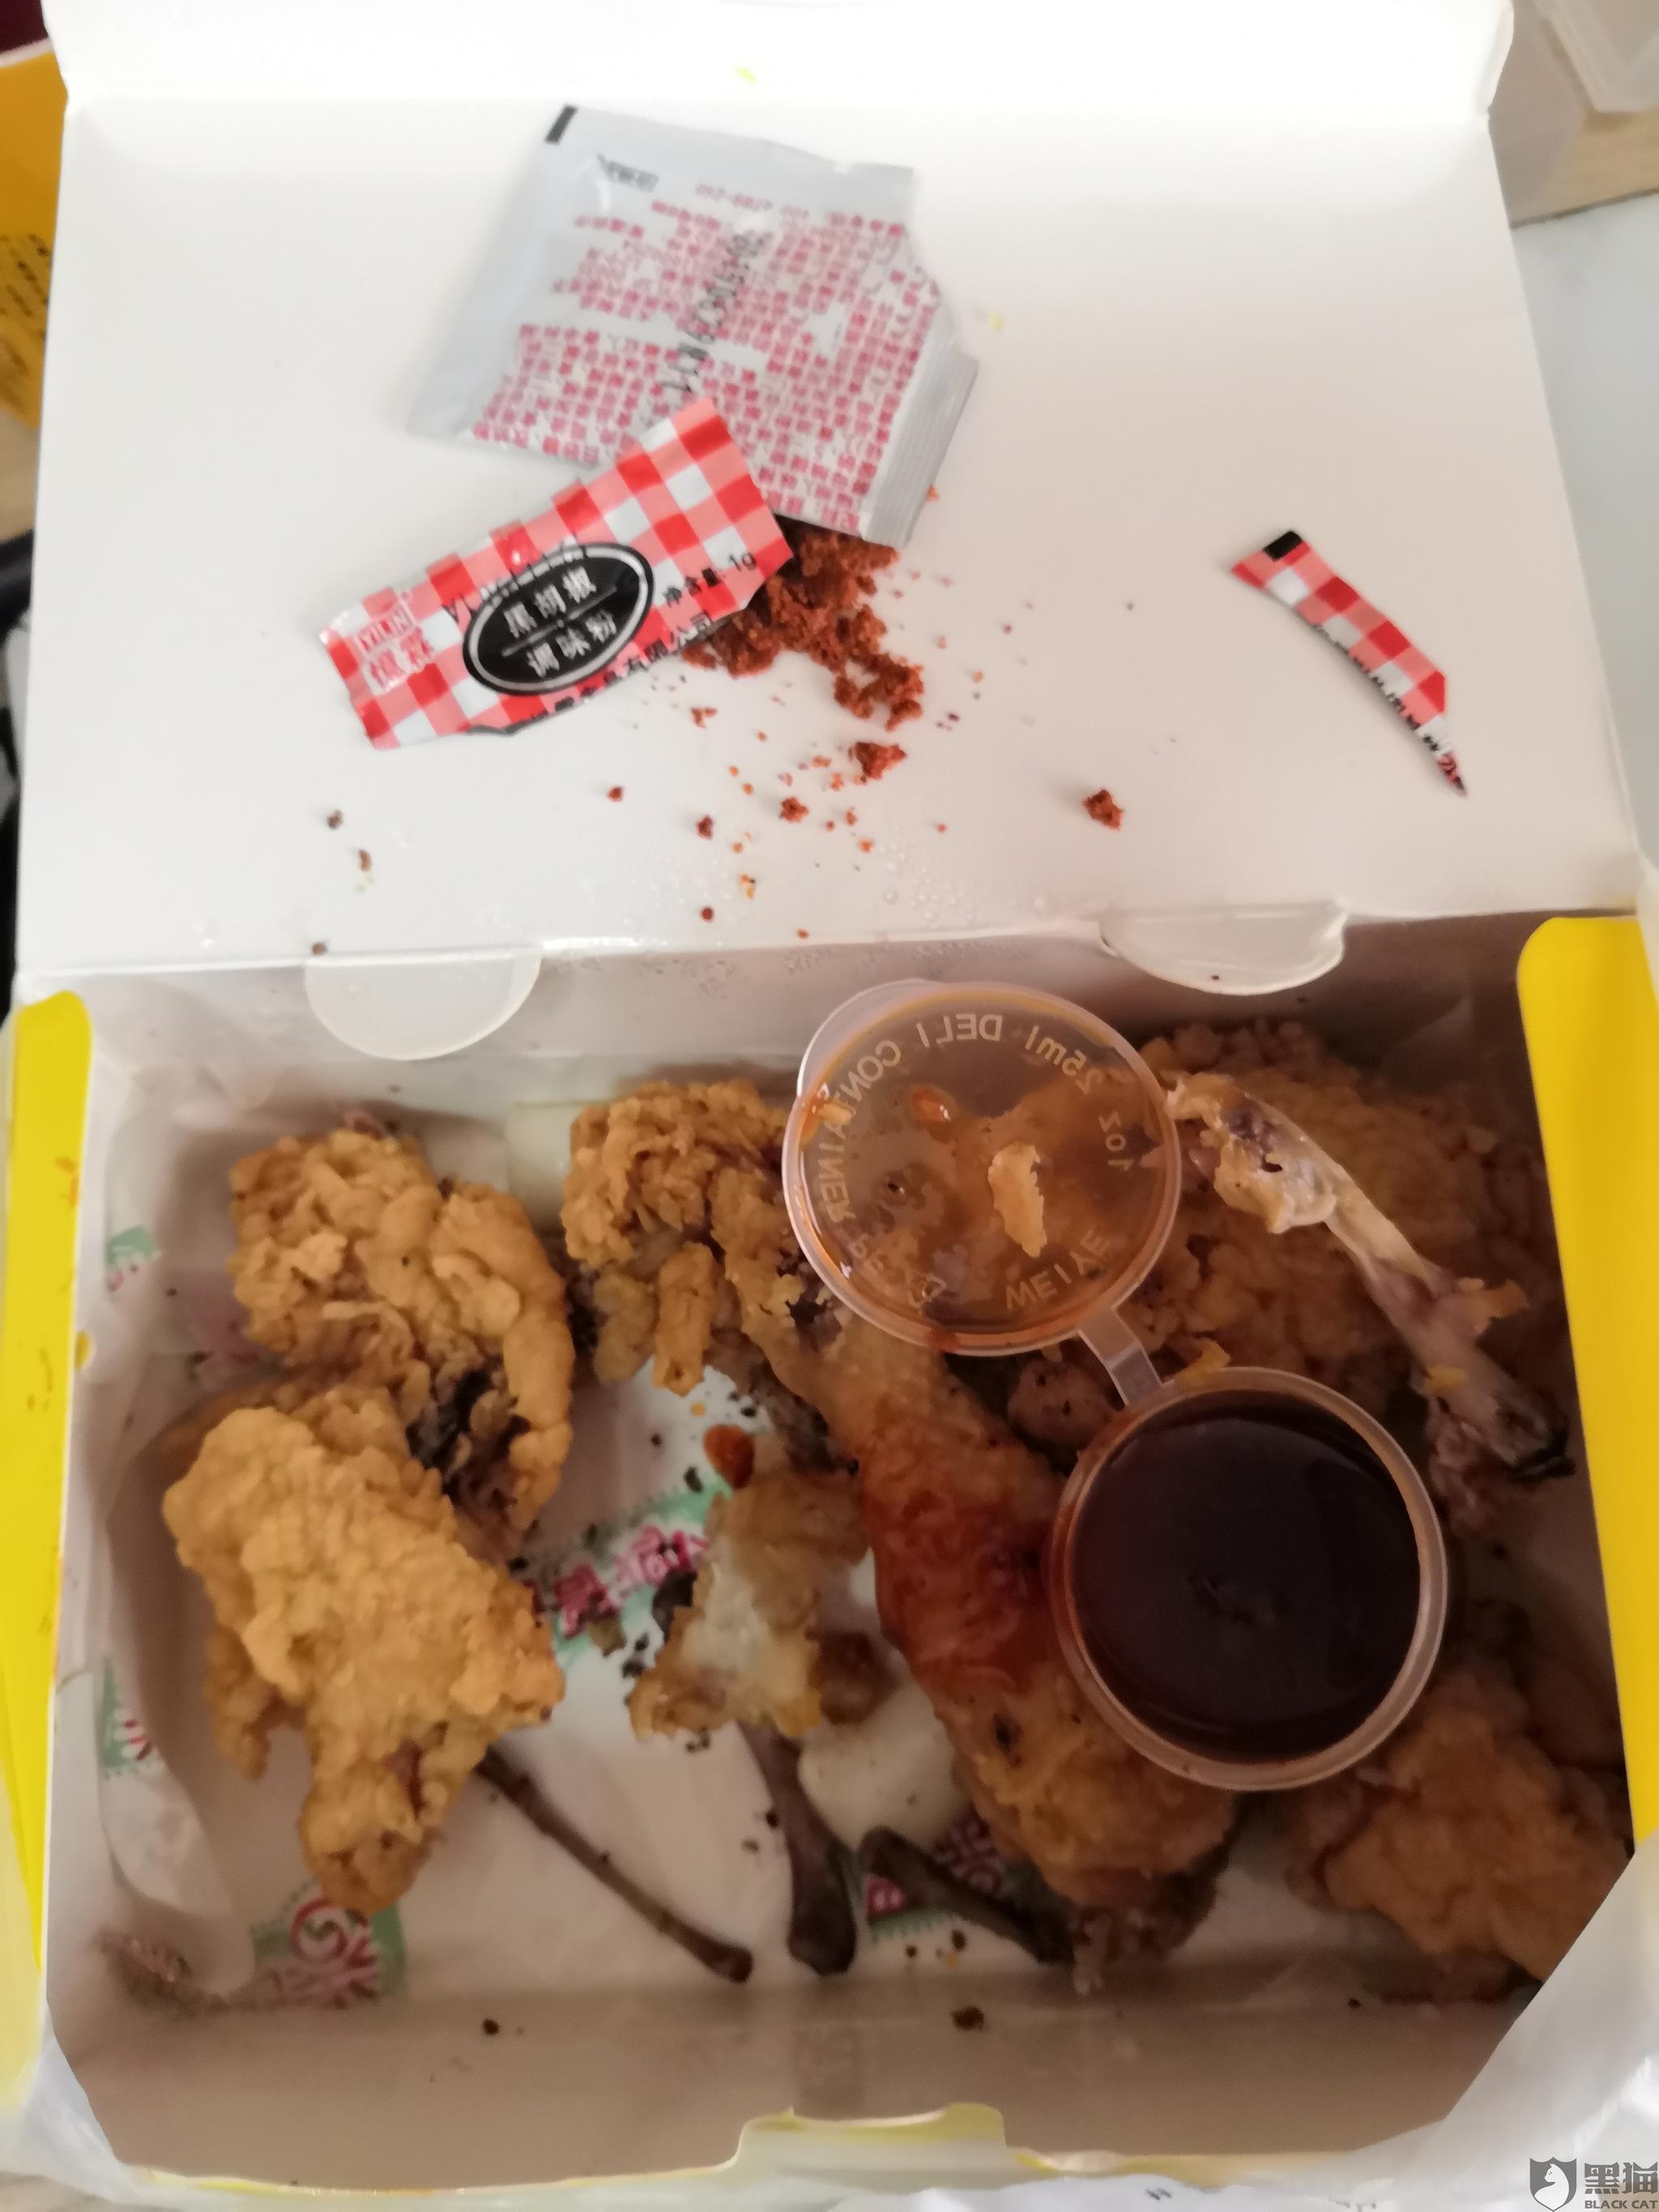 黑猫投诉:在饿了么平台上一家名为欧巴韩式炸鸡的店点了炸鸡,配料过期,赔付不足